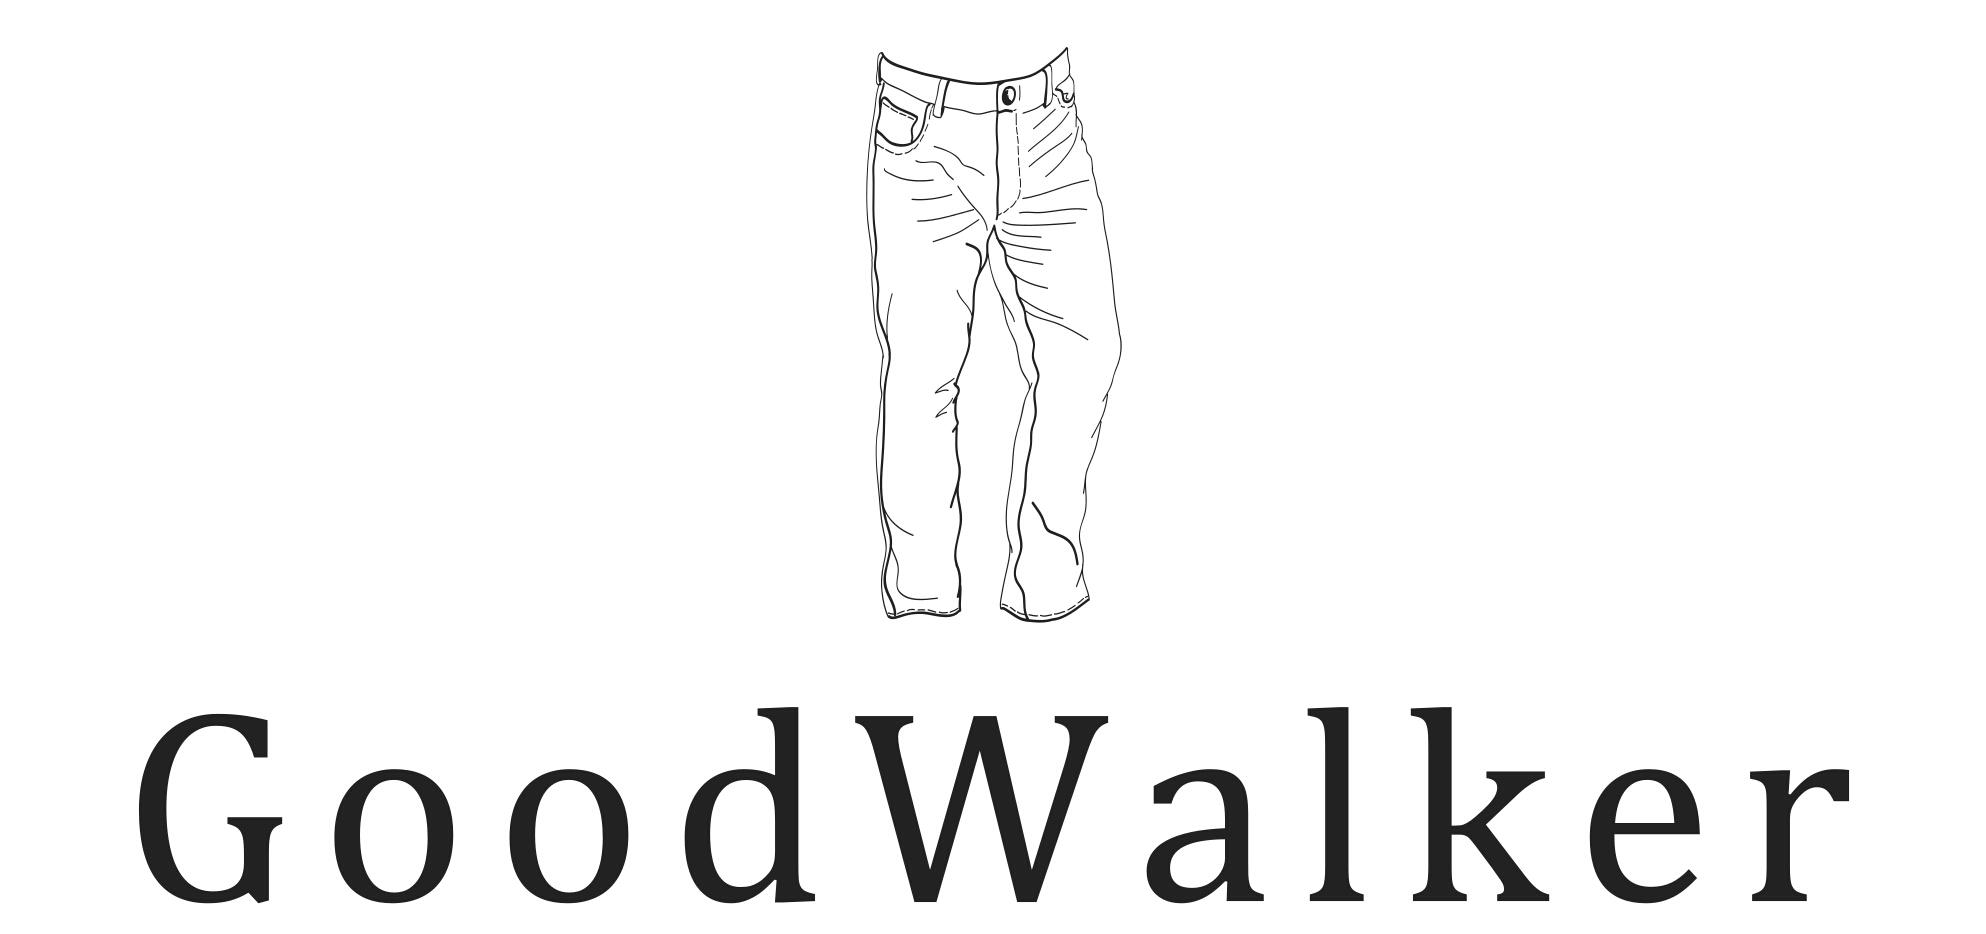 Название и логотип джинсовой одежды (USA)